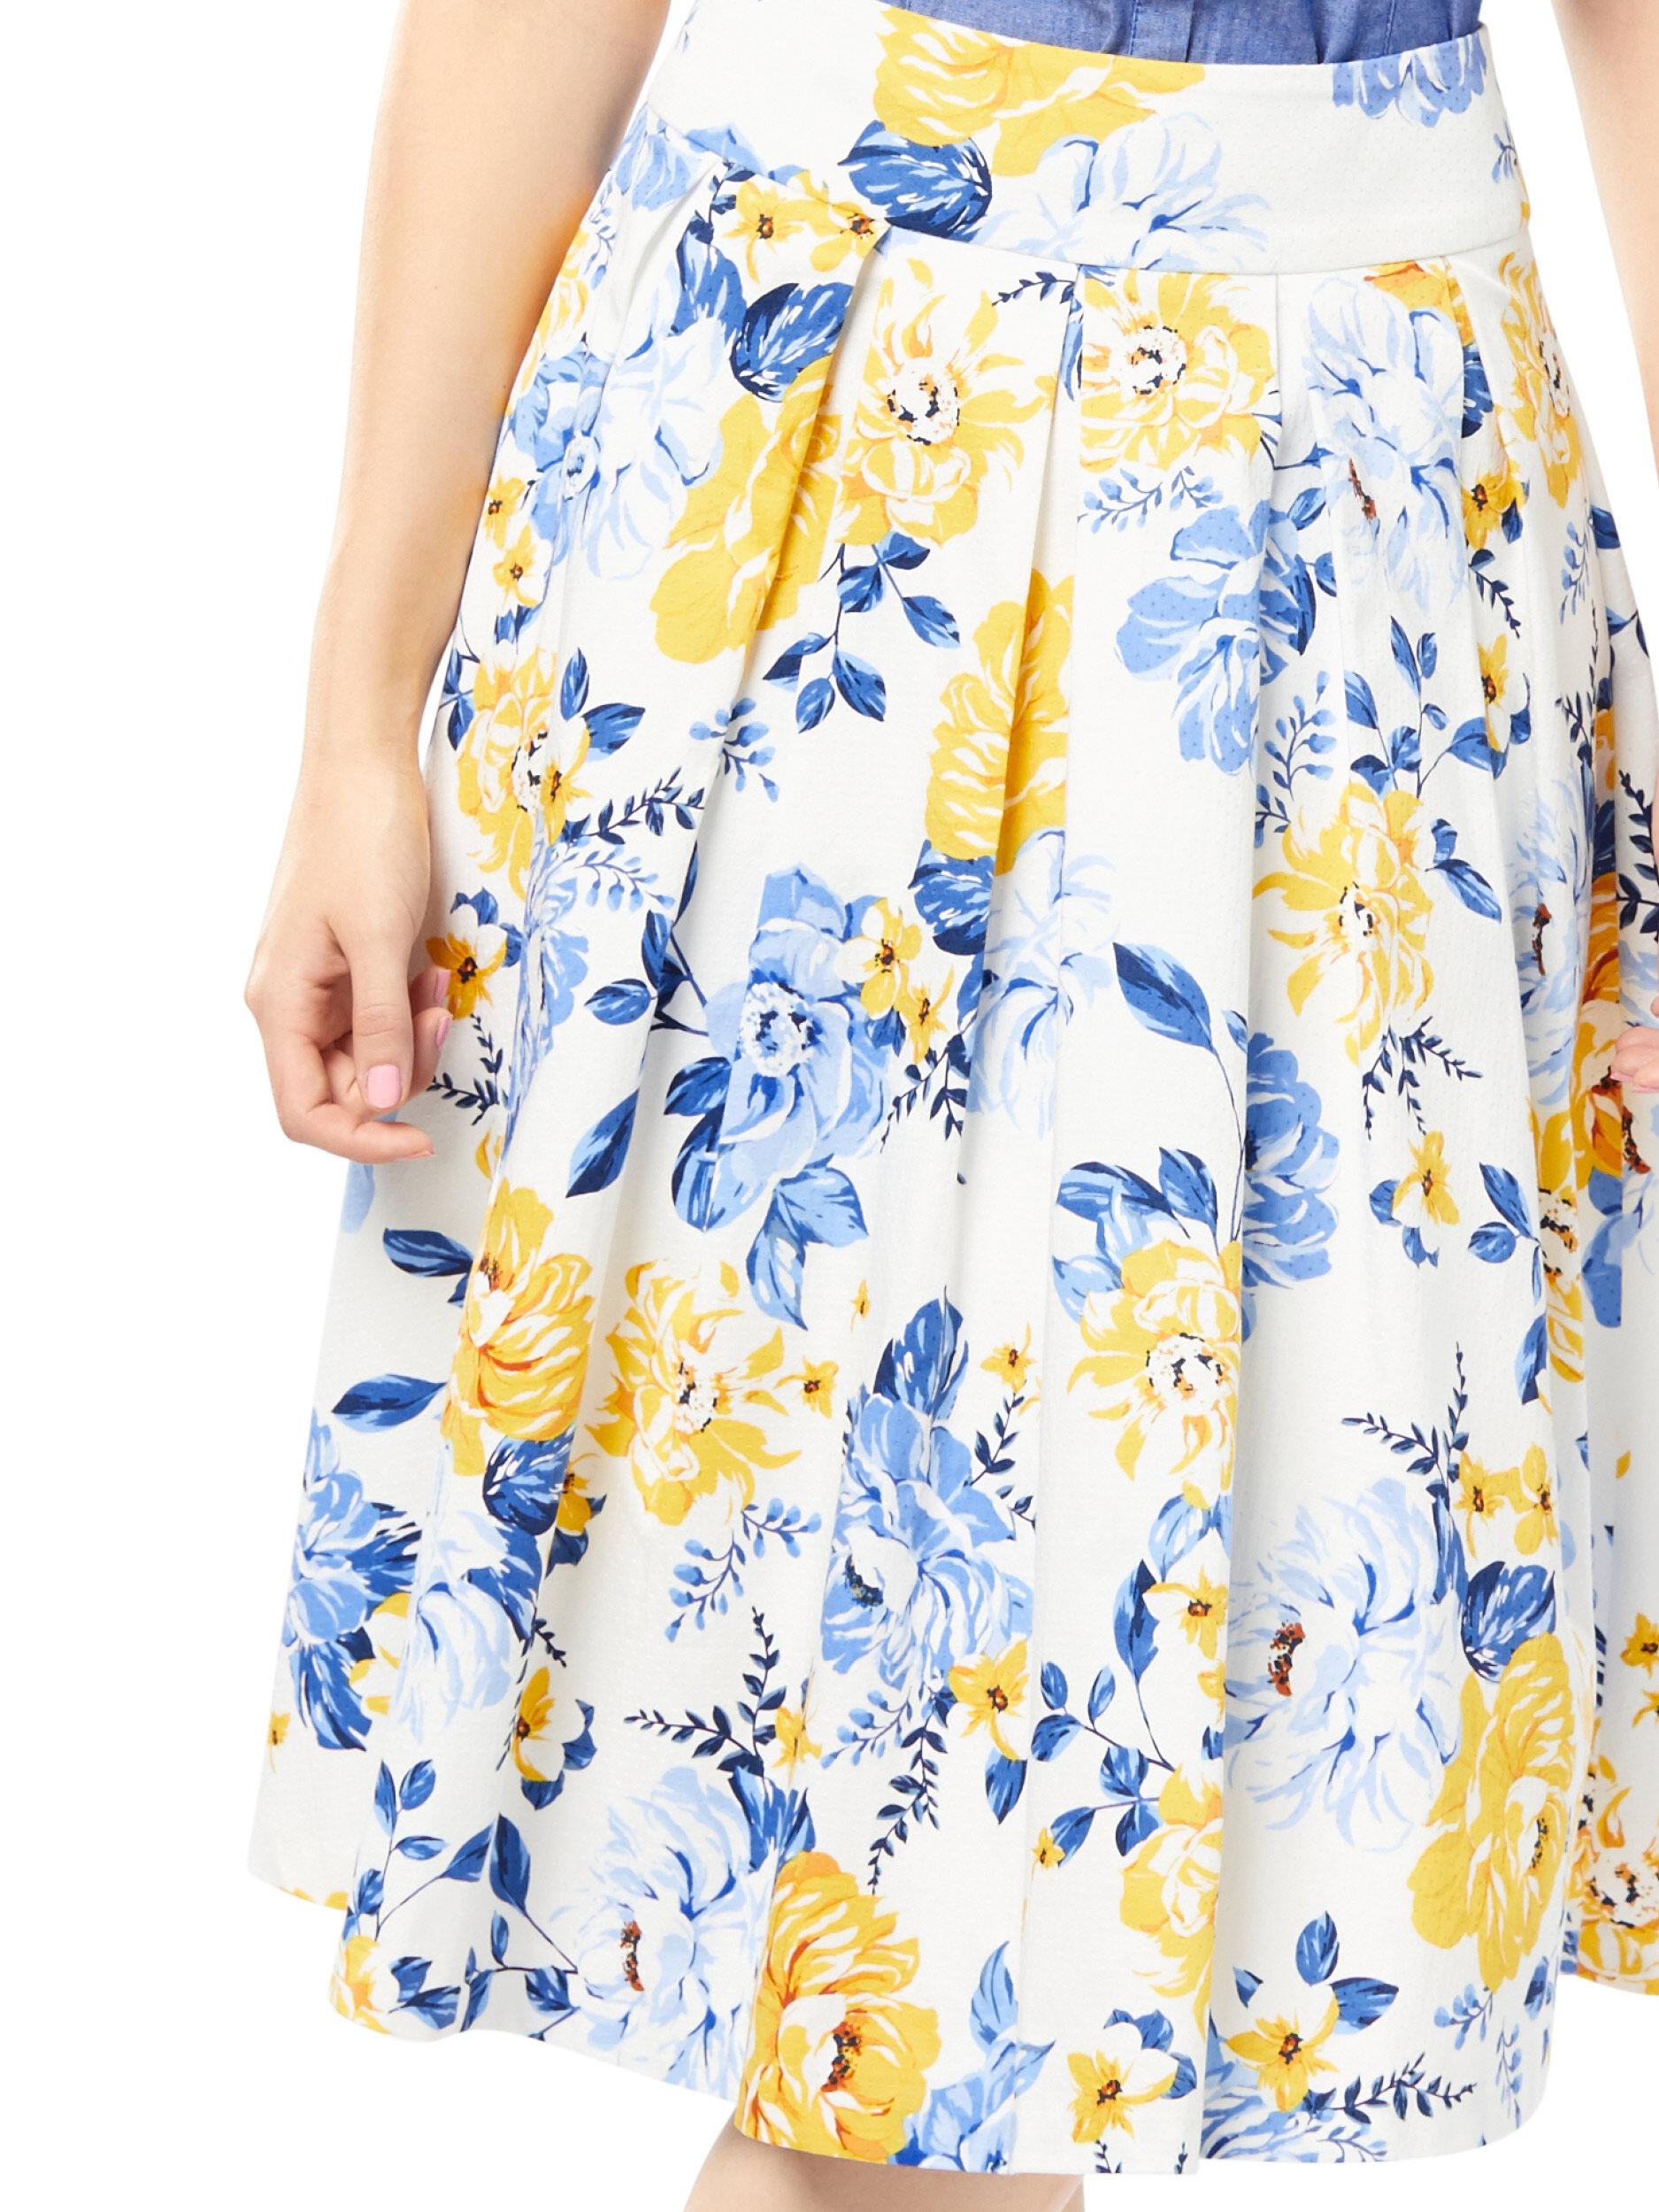 Pop Of Sunshine Skirt